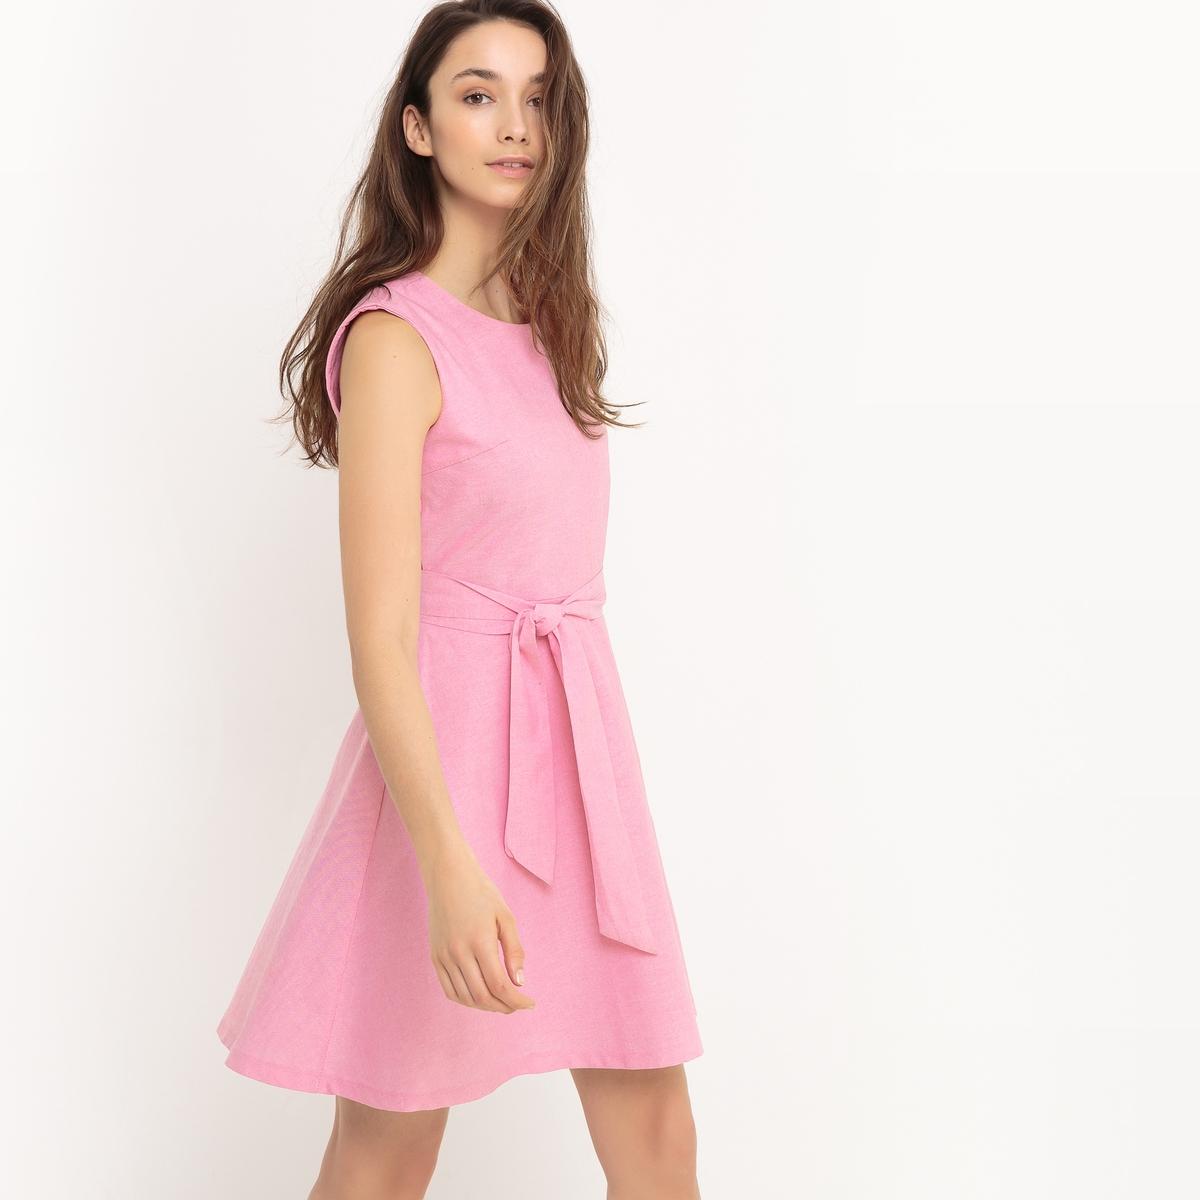 Платье расклешенное без рукавовДетали   •  Форма : расклешенная   •  короткое •  Без рукавов     •  Круглый вырезСостав и уход •  100% хлопок  •  Следуйте советам по уходу, указанным на этикетке<br><br>Цвет: розовый<br>Размер: S